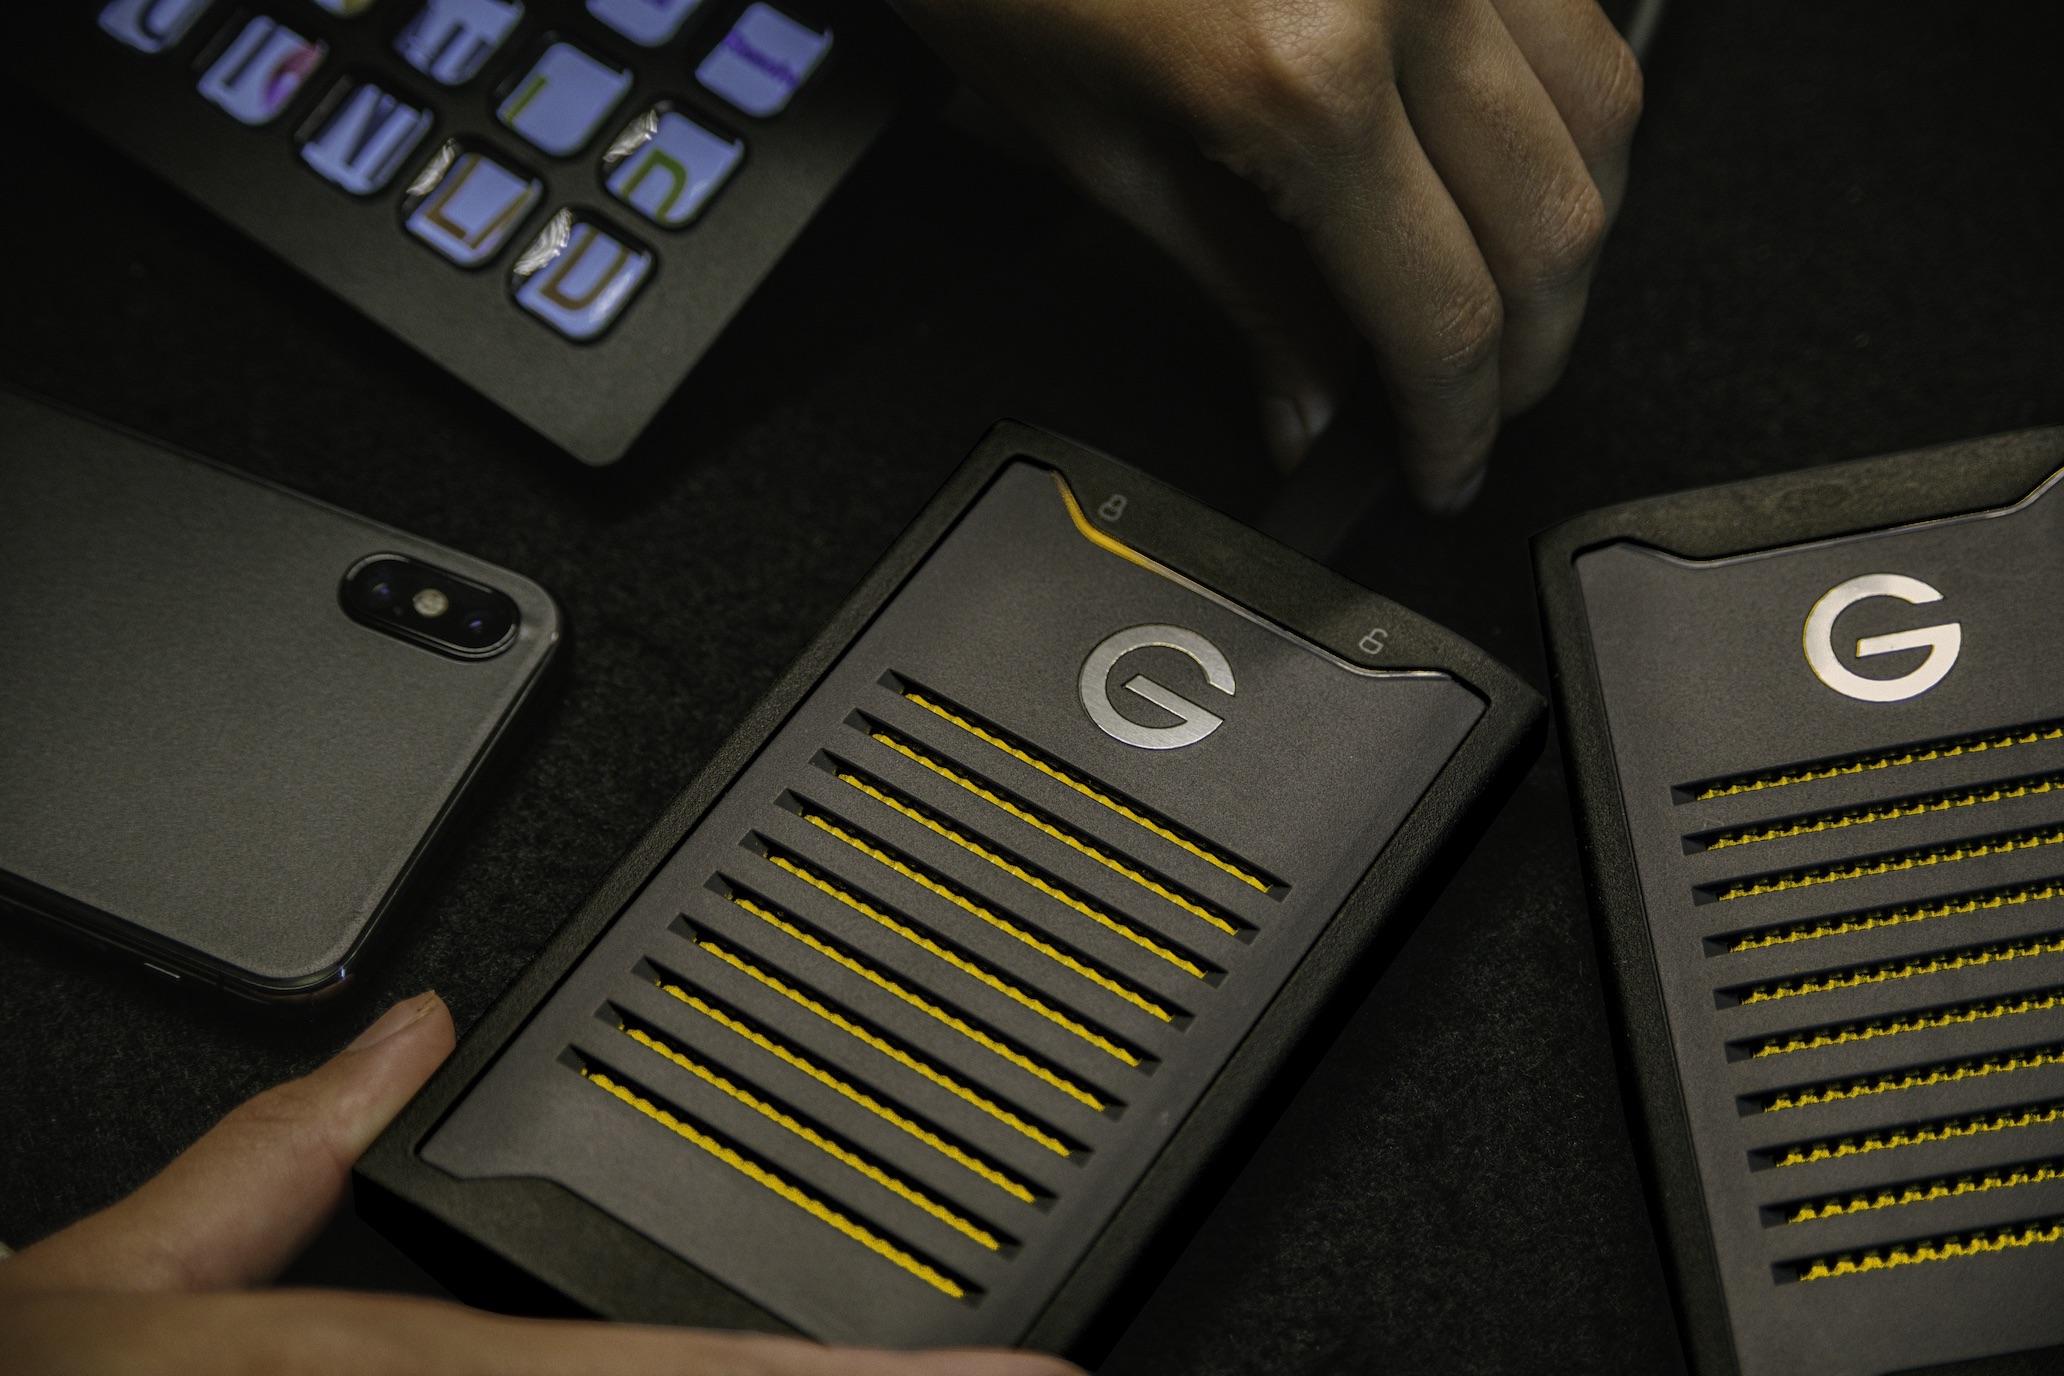 Western Digital zet nieuwe standaard in dataprotectie met innovatief ArmorLock-beveiligingsplatform